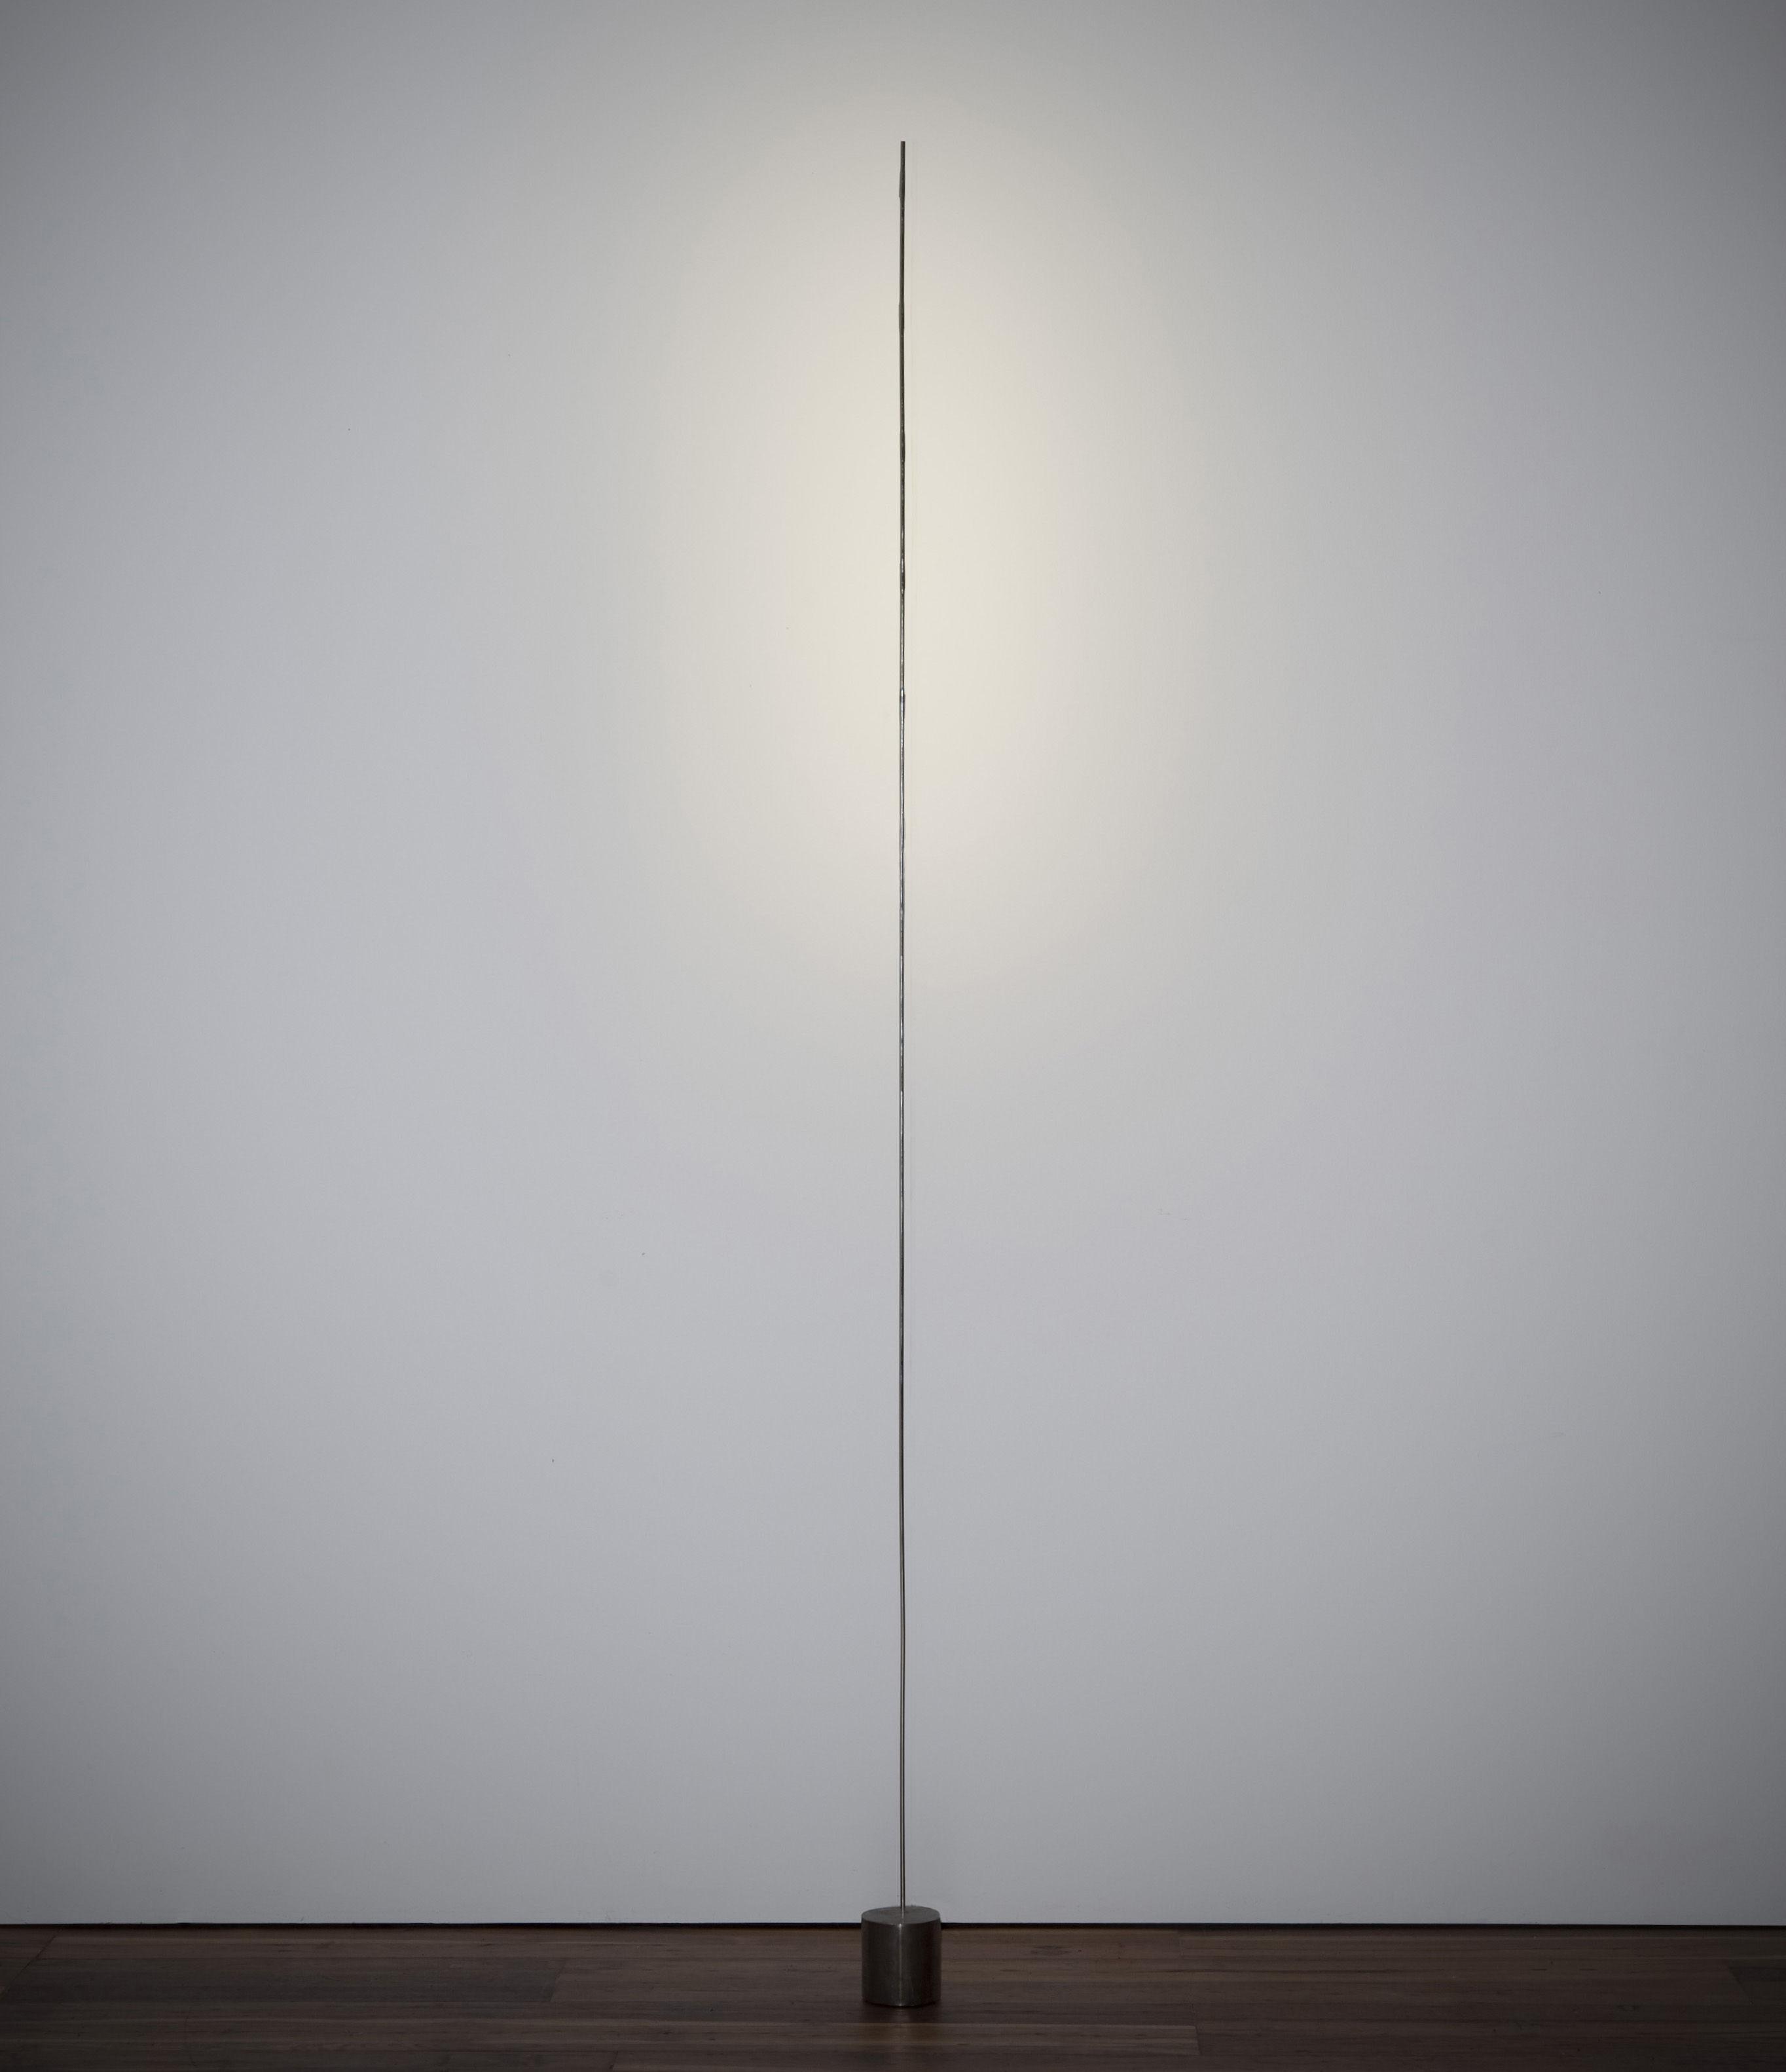 Leuchten - Stehleuchten - Light stick Stehleuchte - Catellani & Smith - Silberfarben - Schwarze Basis - Metall